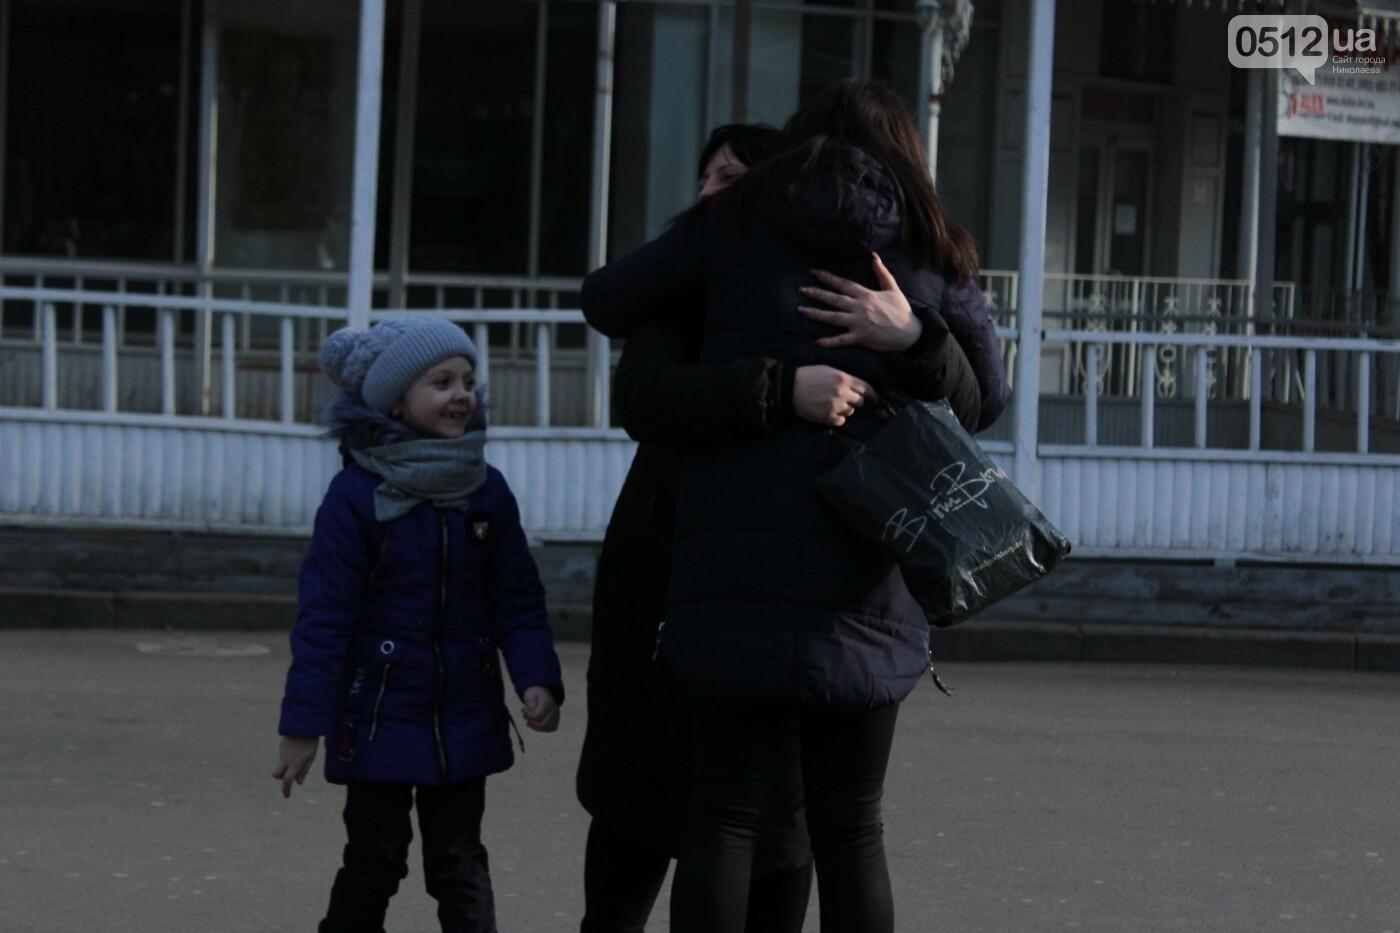 Всемирный день объятий: николаевские журналисты решили порадовать случайных прохожих, - ФОТО, фото-20